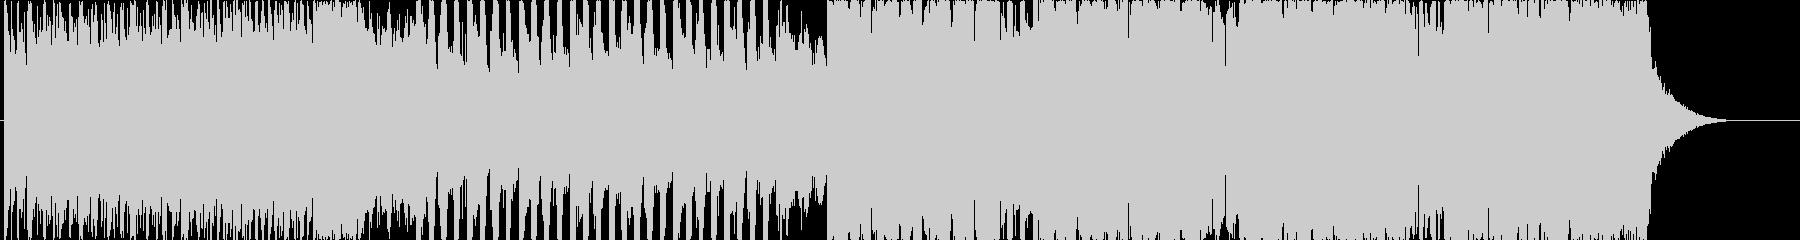 ギラギラ迫力あるベースハウスEDMの未再生の波形